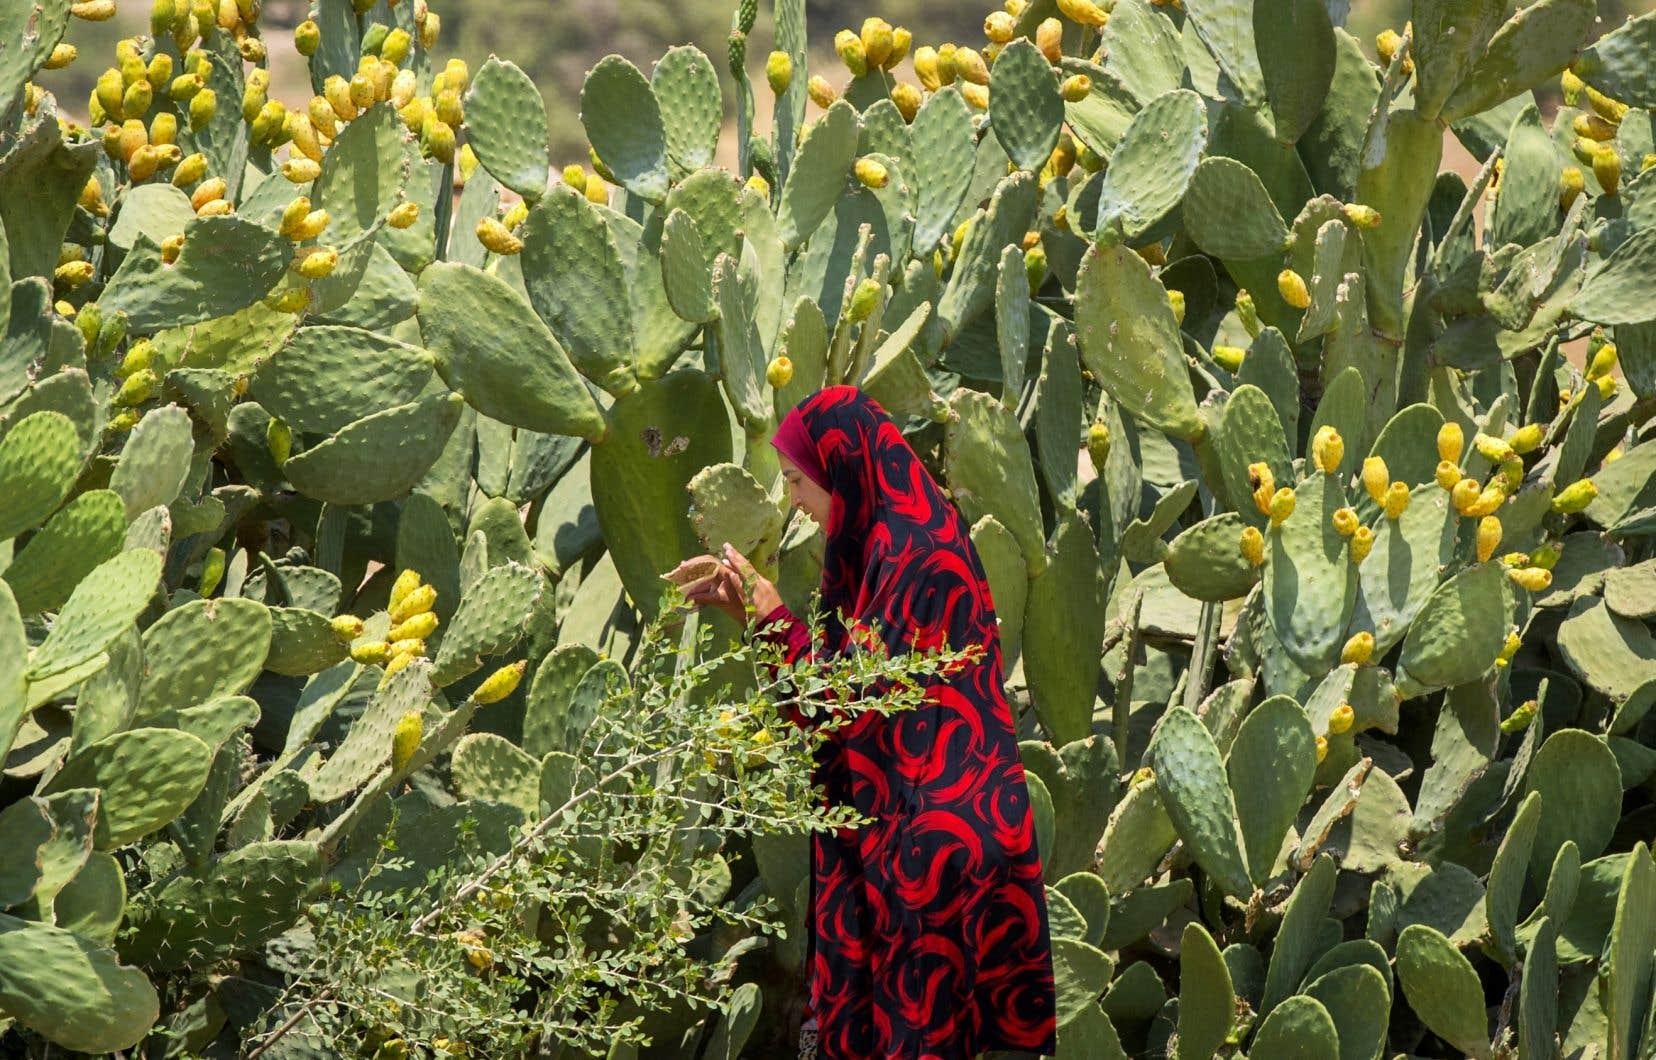 Les importations de produits agricoles israéliens dans les Territoires palestiniens ont avoisiné 600millions de dollars en 2018.